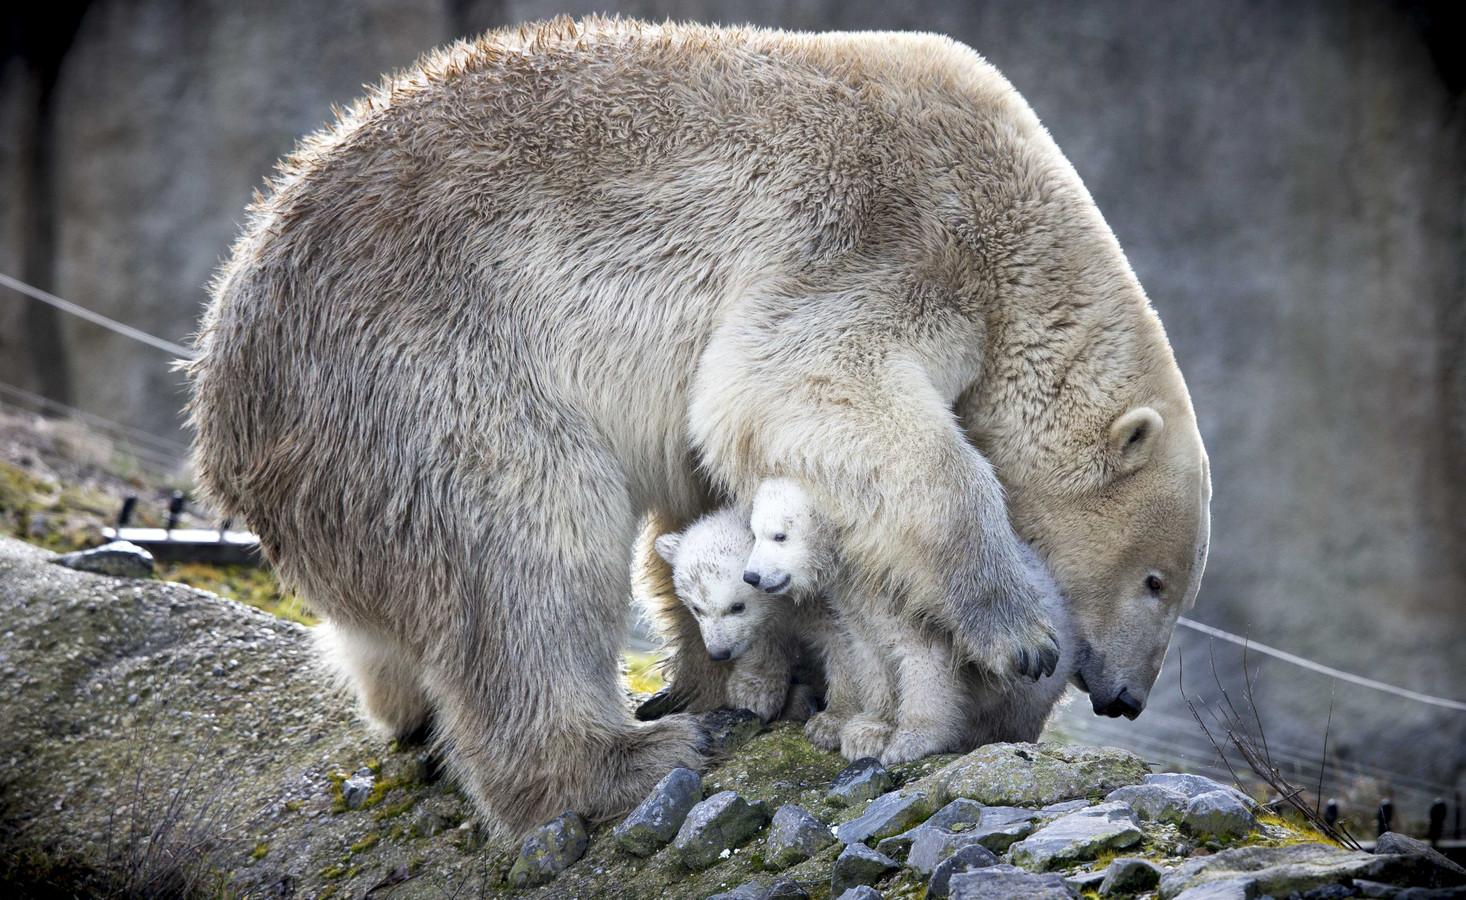 IJsberenmoeder Olinka in gelukkige tijden, met haar koters Sizzel en Todz. Mannetje Wolodja blijft nu alleen achter.